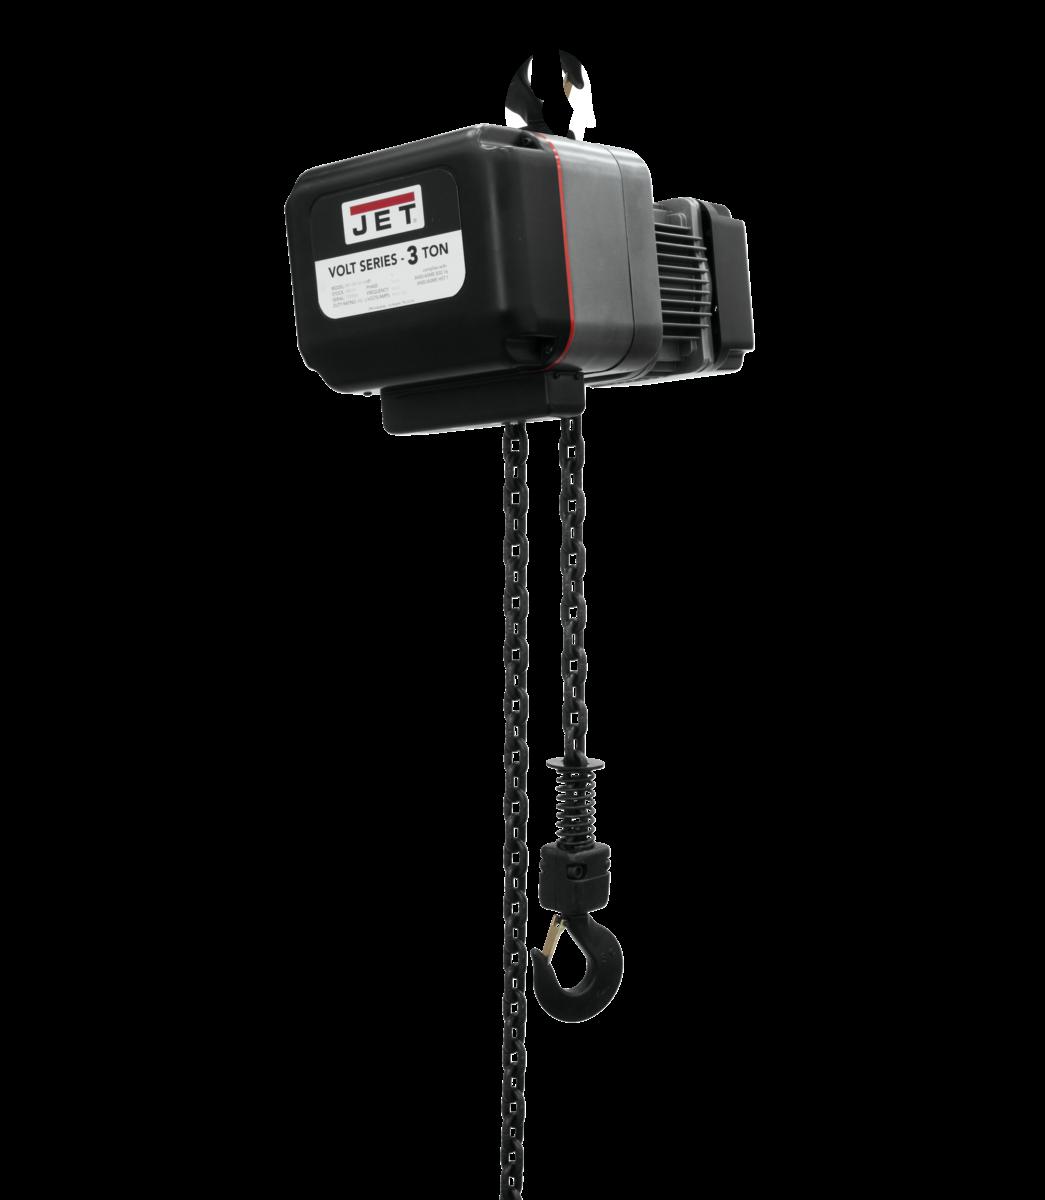 VOLT 3T VARIABLE-SPEED ELECTRIC HOIST  3PH 230V 25' LIFT